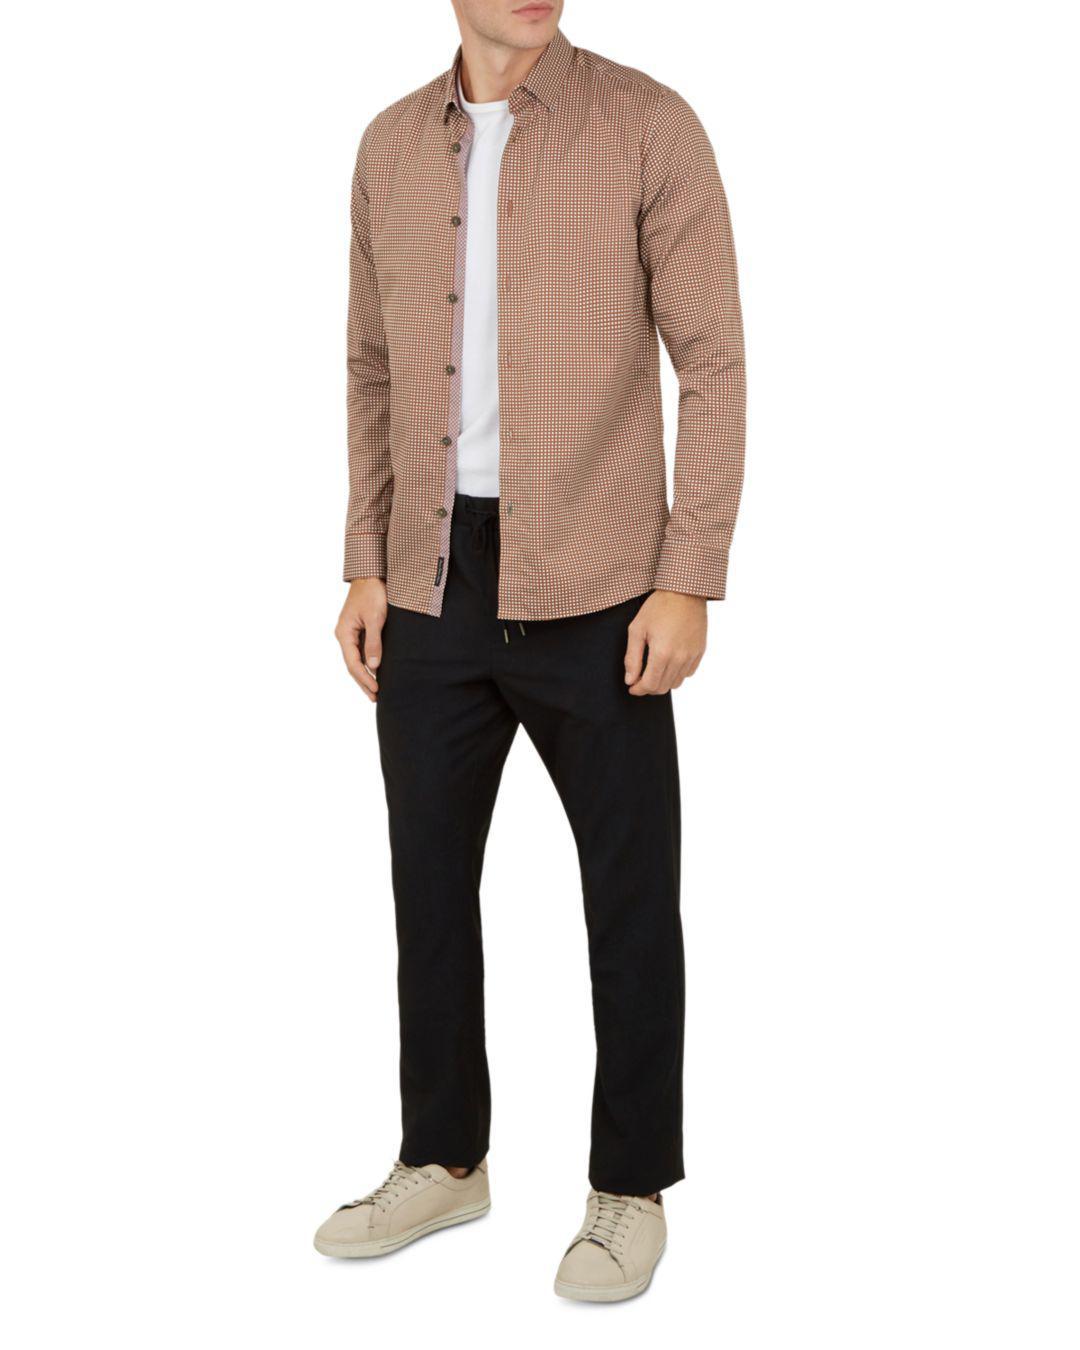 7e7682170c07 Lyst - Ted Baker Jenkins Long Sleeve Printed Shirt in Orange for Men